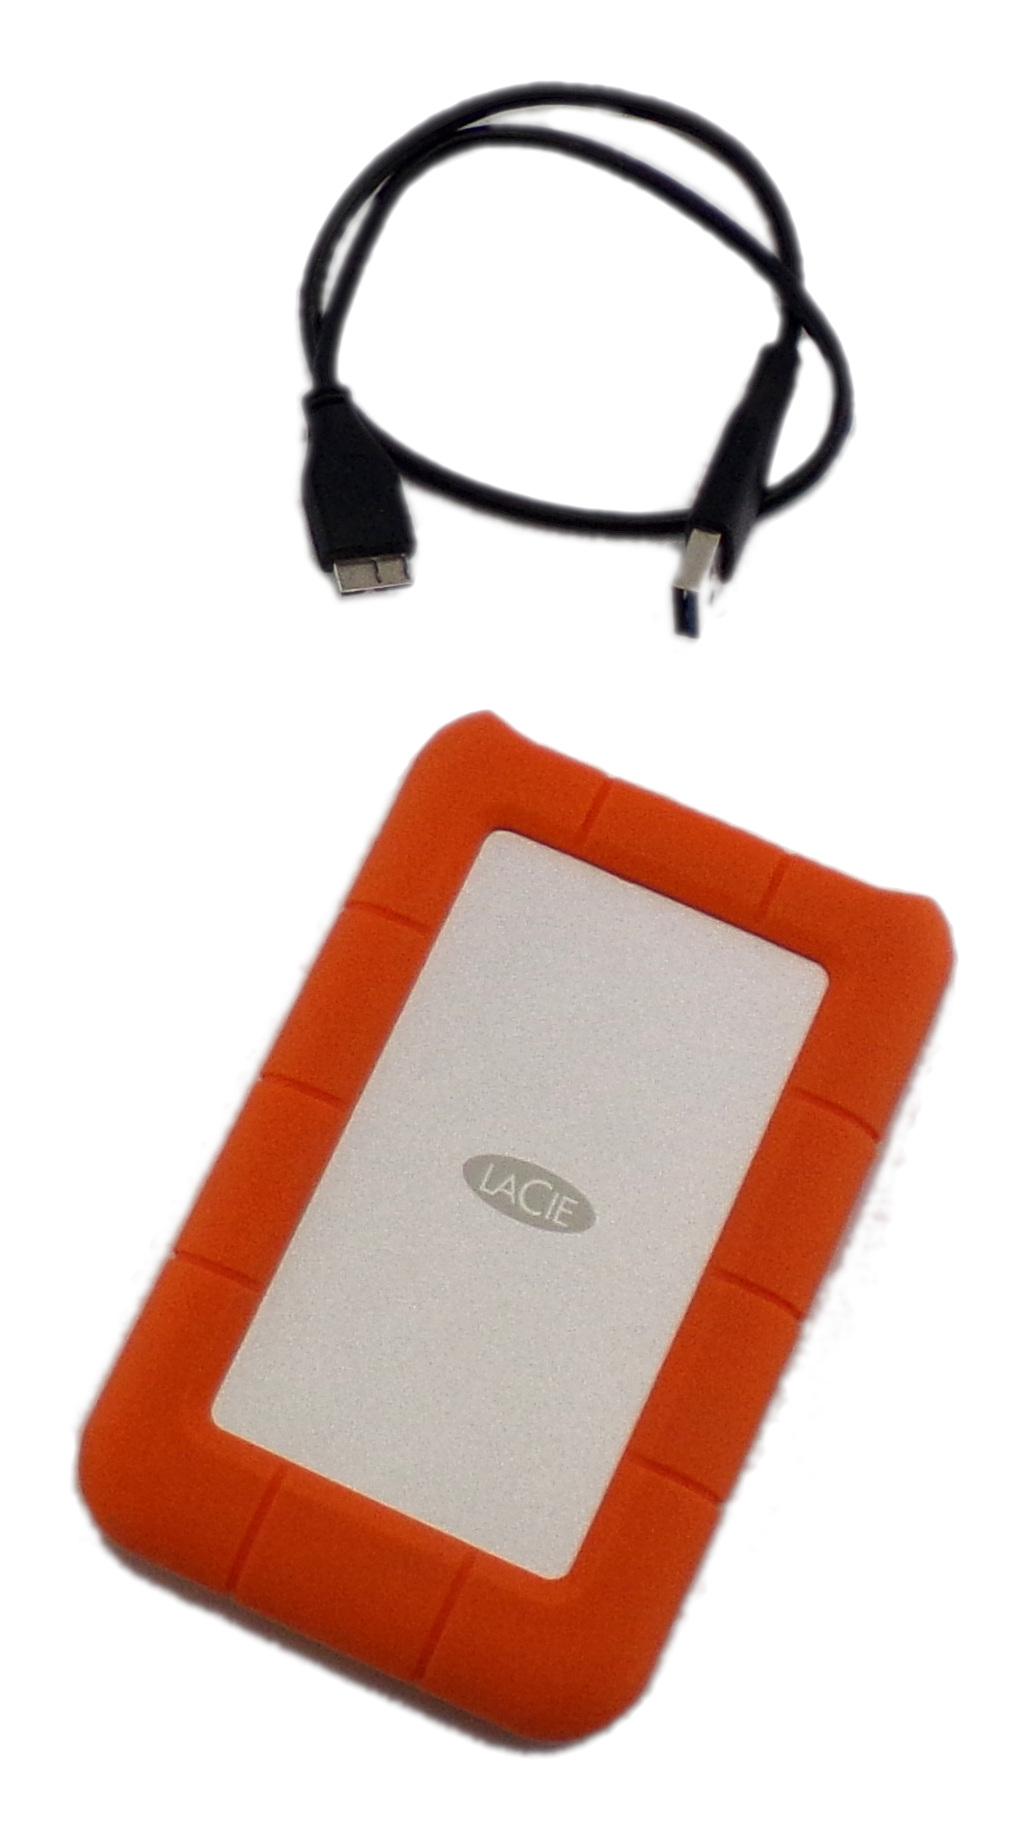 LaCie RUGU3M2 2TB USB 3.0 Rugged External Hard Drive